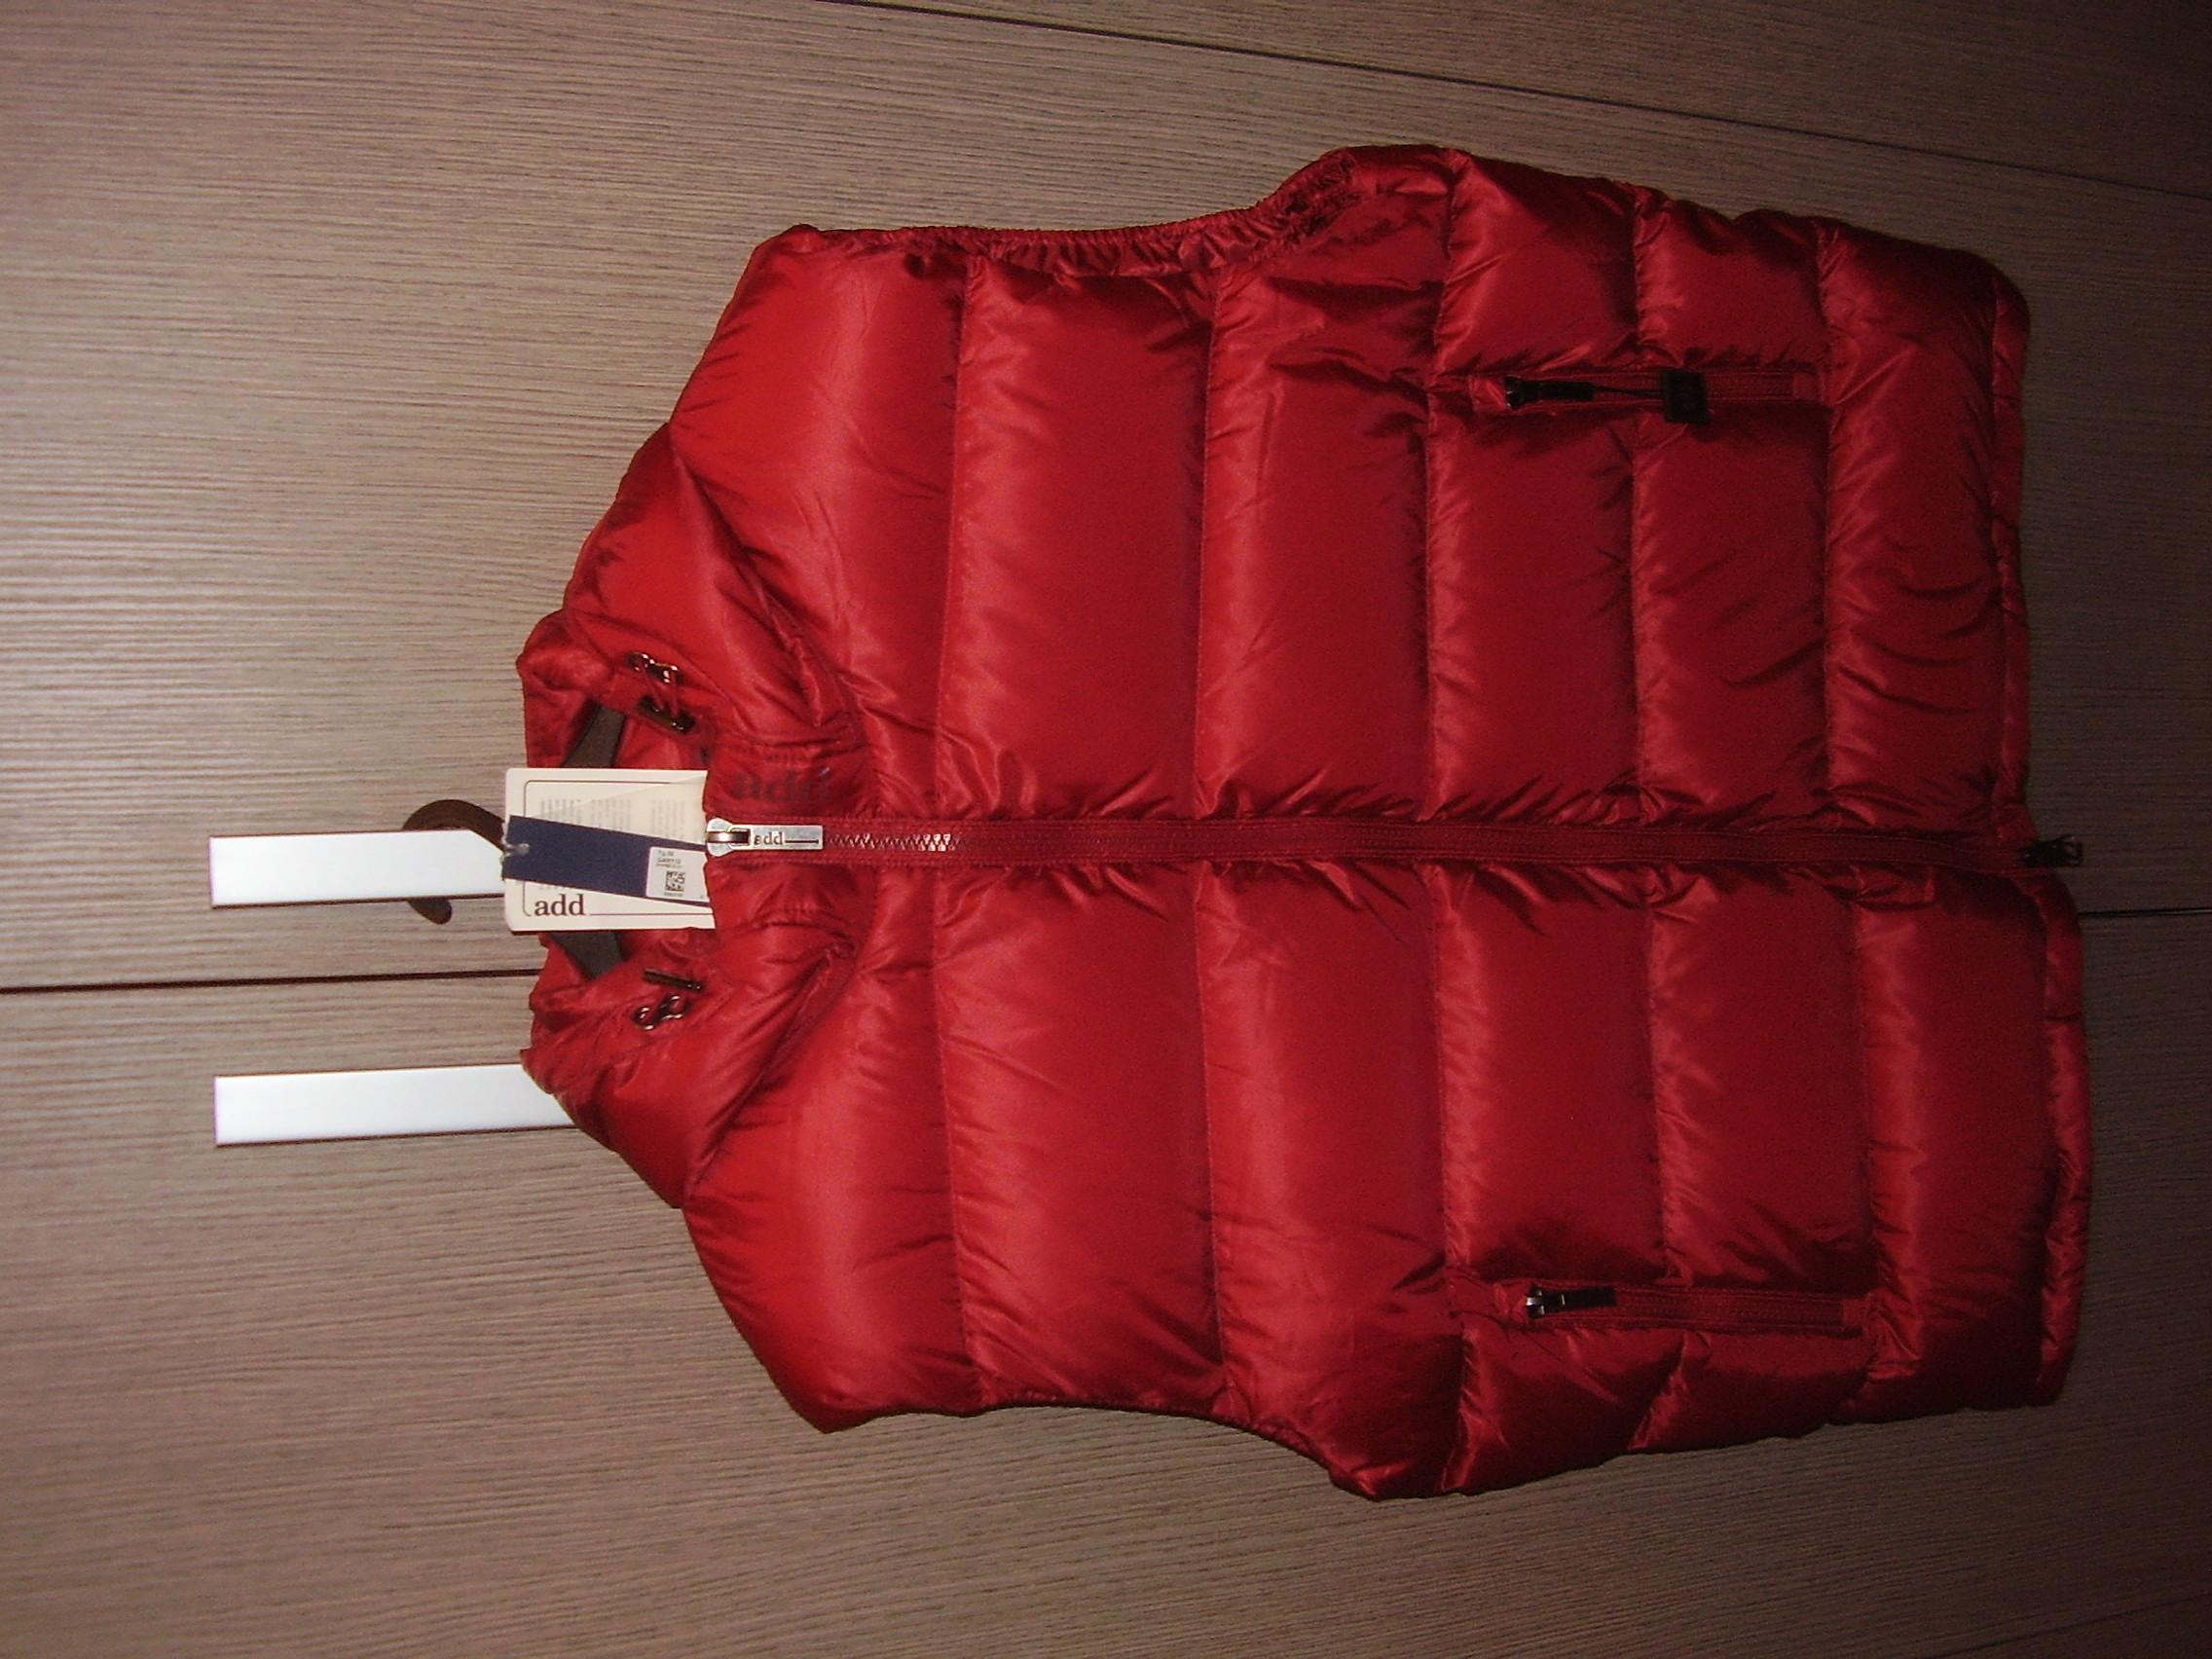 new product 360d7 b43f1 PIUMINI NUOVI MARCA ADD su LaPulce.it abbigliamento e accessori,